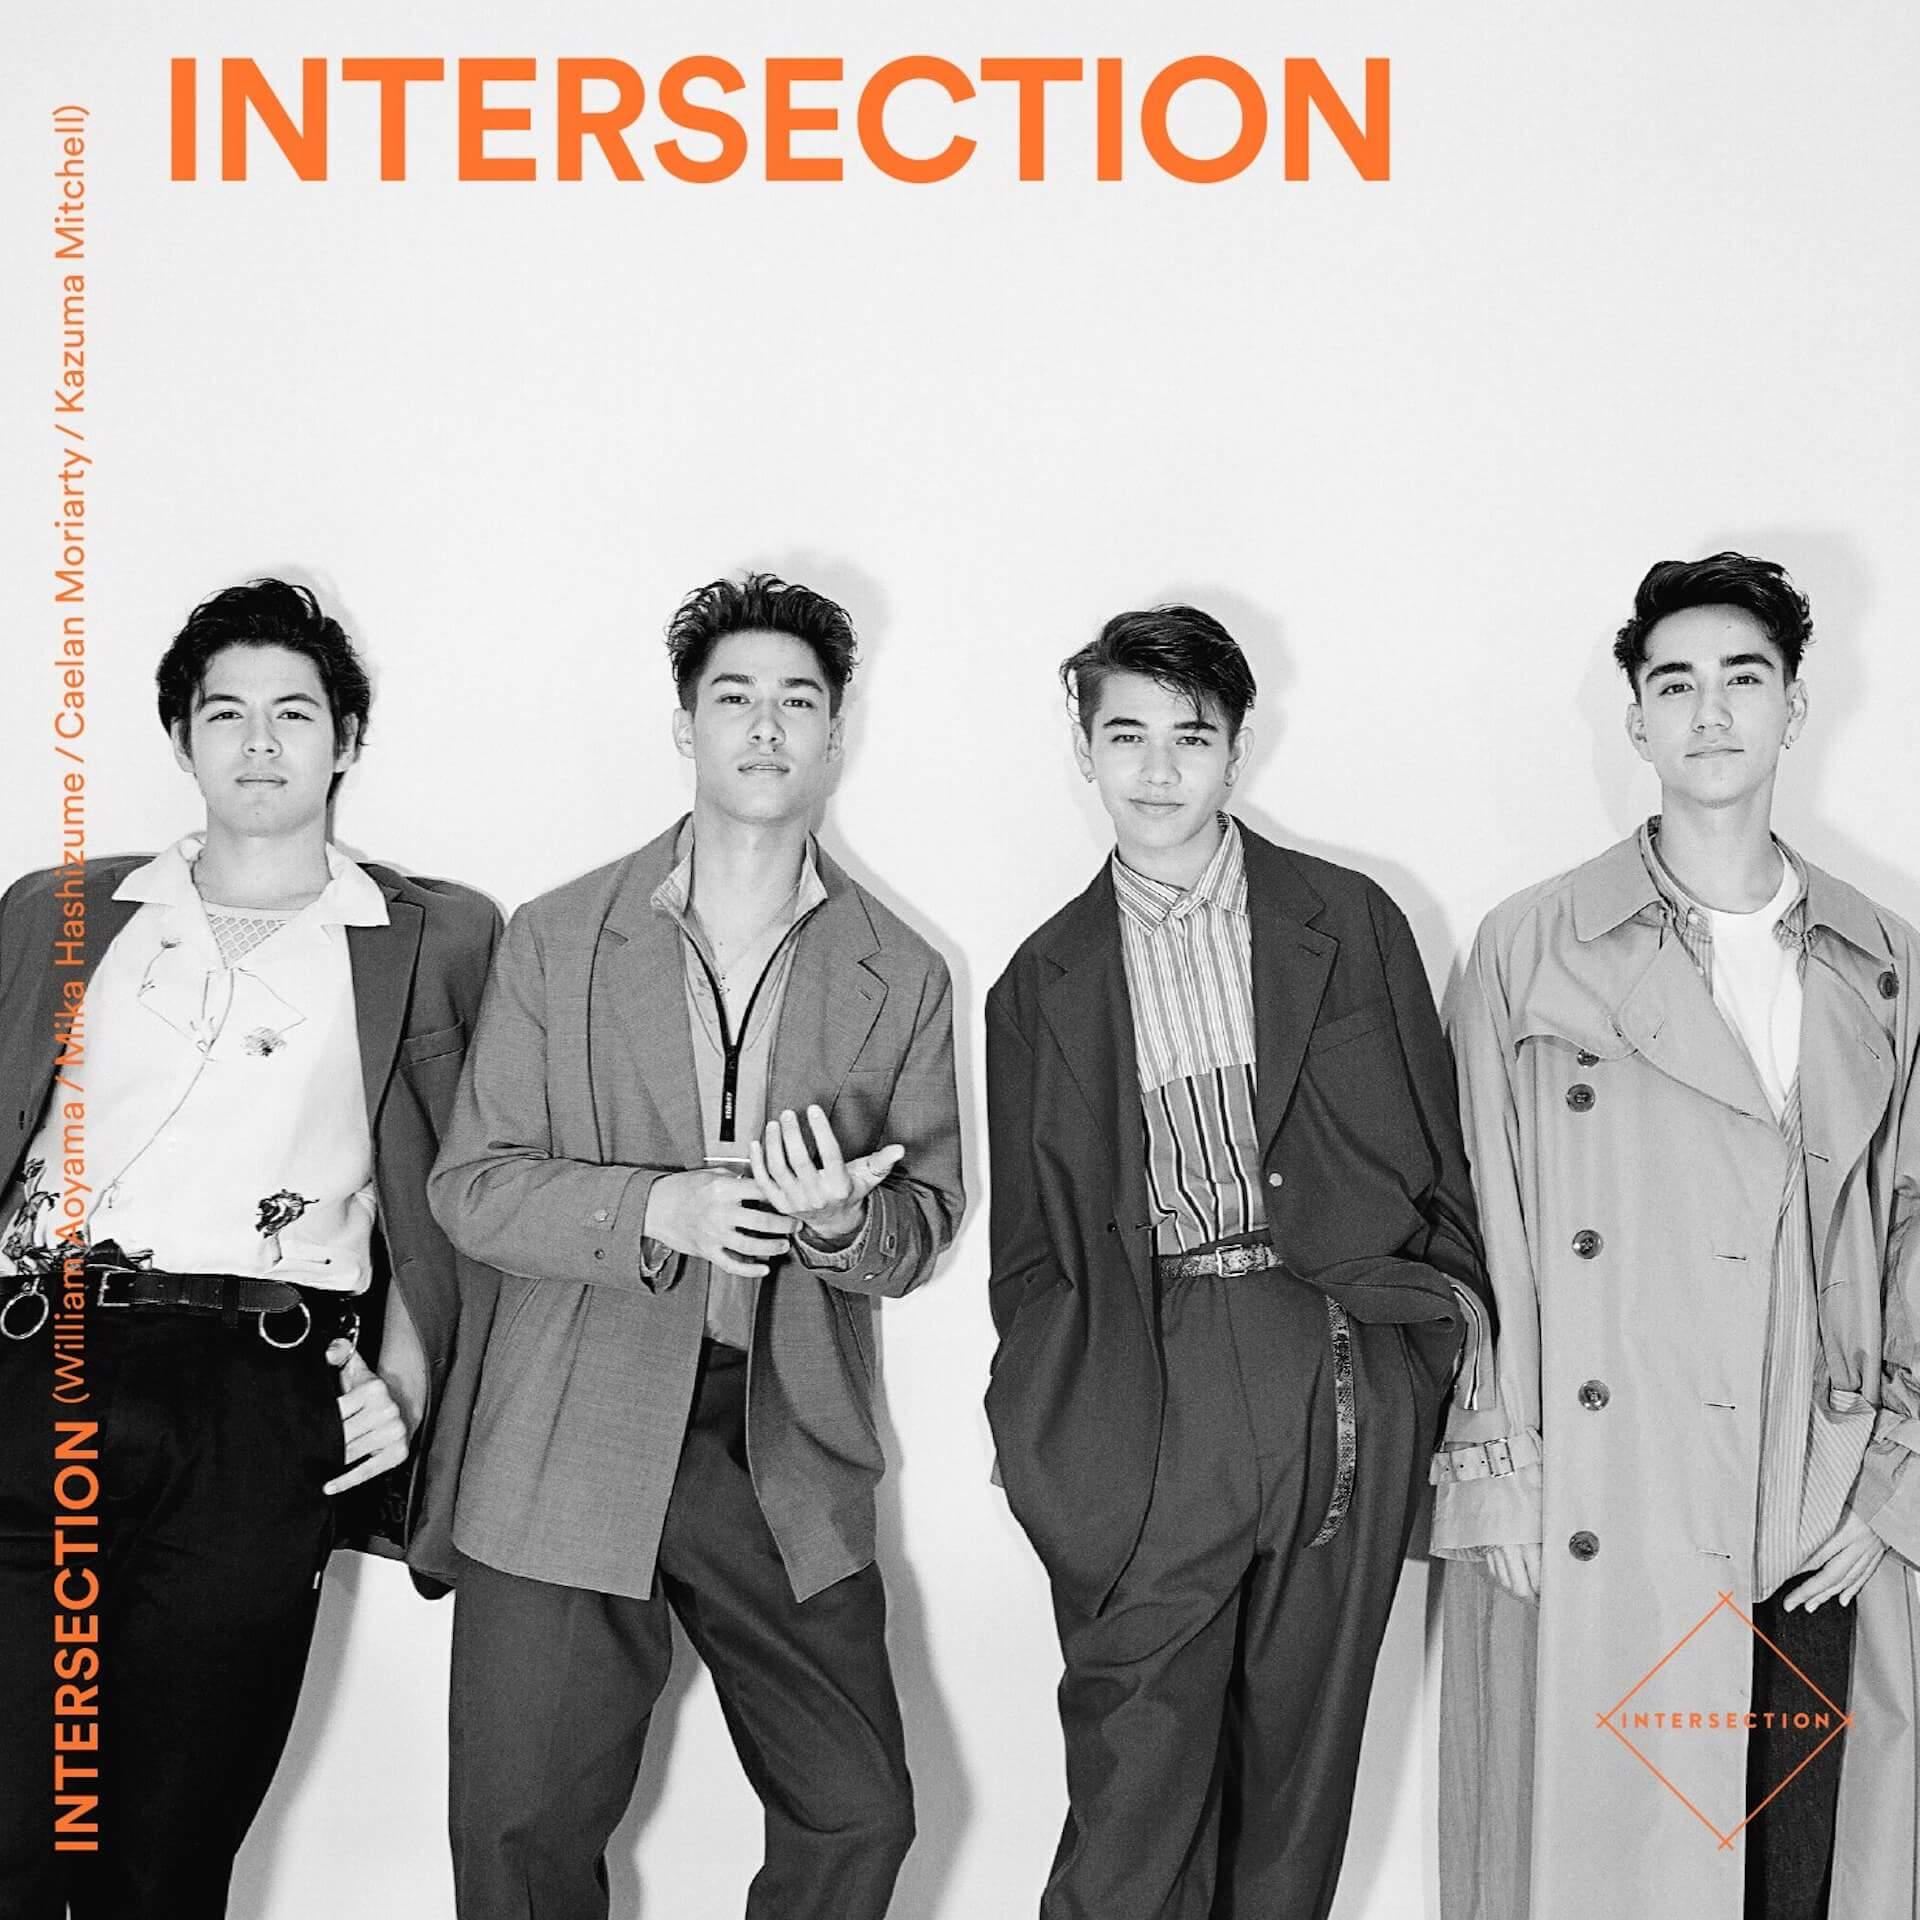 INTERSECTIONがアルバムリリースイベントを開催   ミッチェル和馬の渡米前ラストライブは涙と感動のステージに music190826_intersection_album